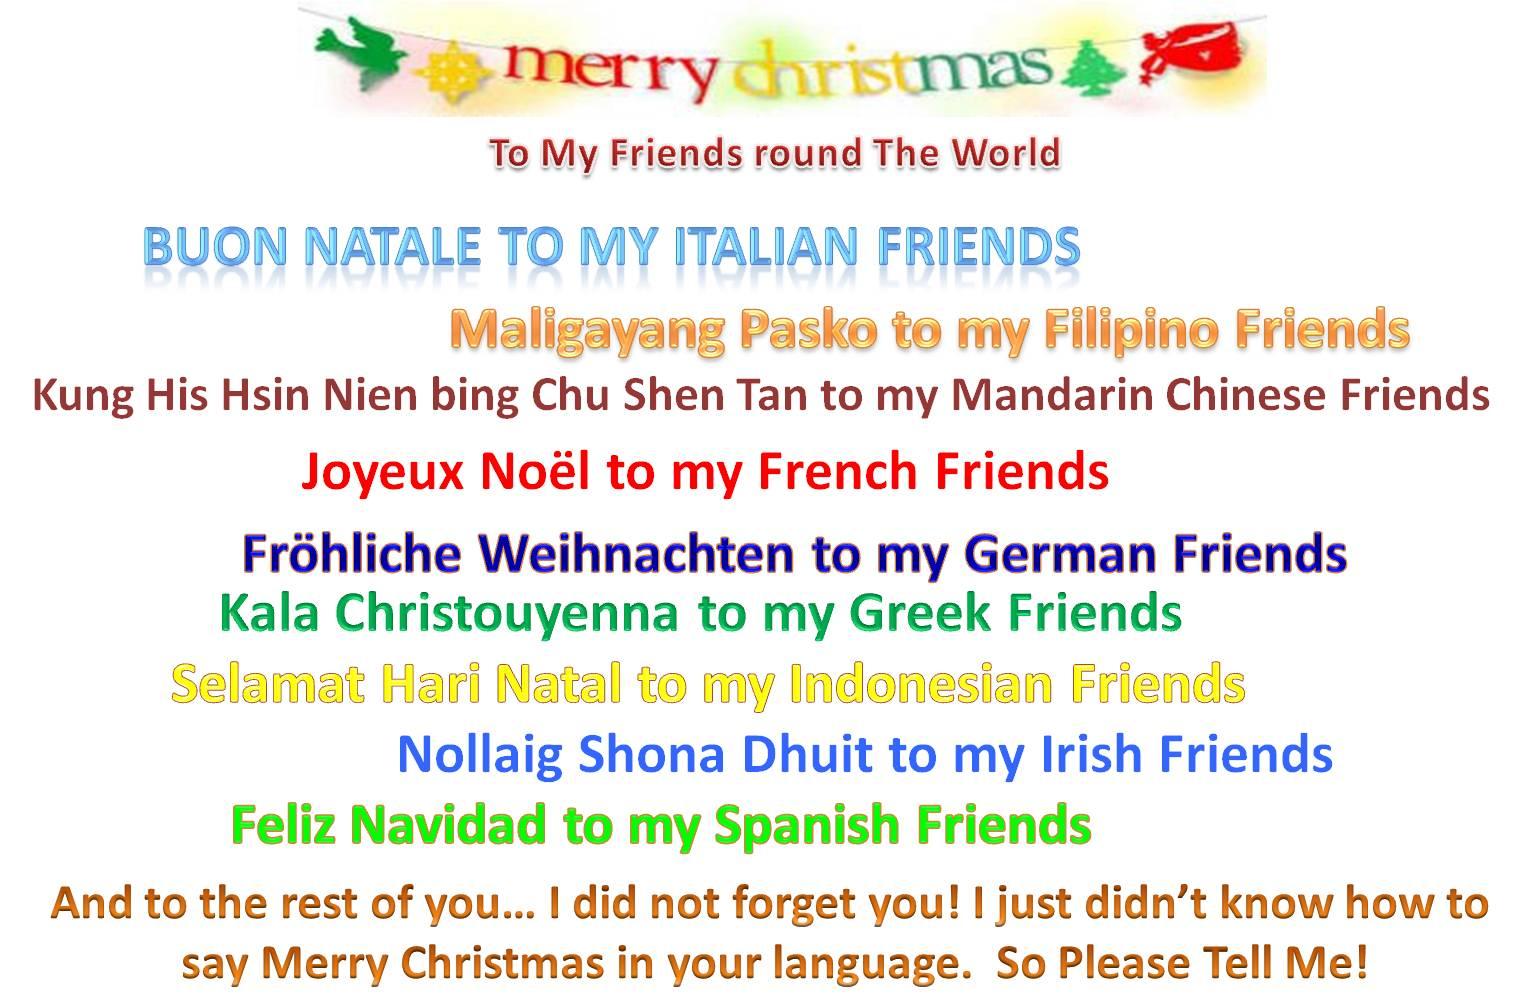 merry-christmas-around-the-world-jpg1